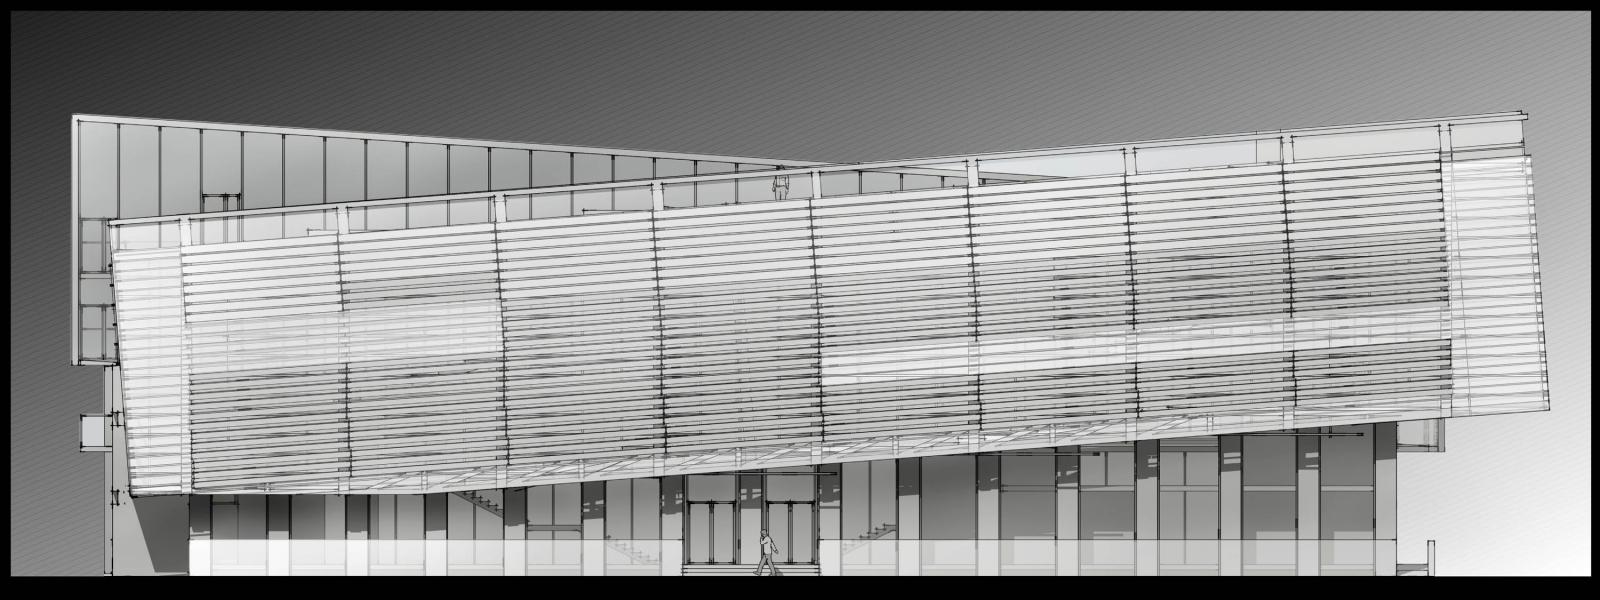 work-Архитектурная концепция реконструкции существующего здания по адресу: Москва, ул. Колмогорова 1, стр. 54 под учебный корпус МГУ «Центр Интеллект»